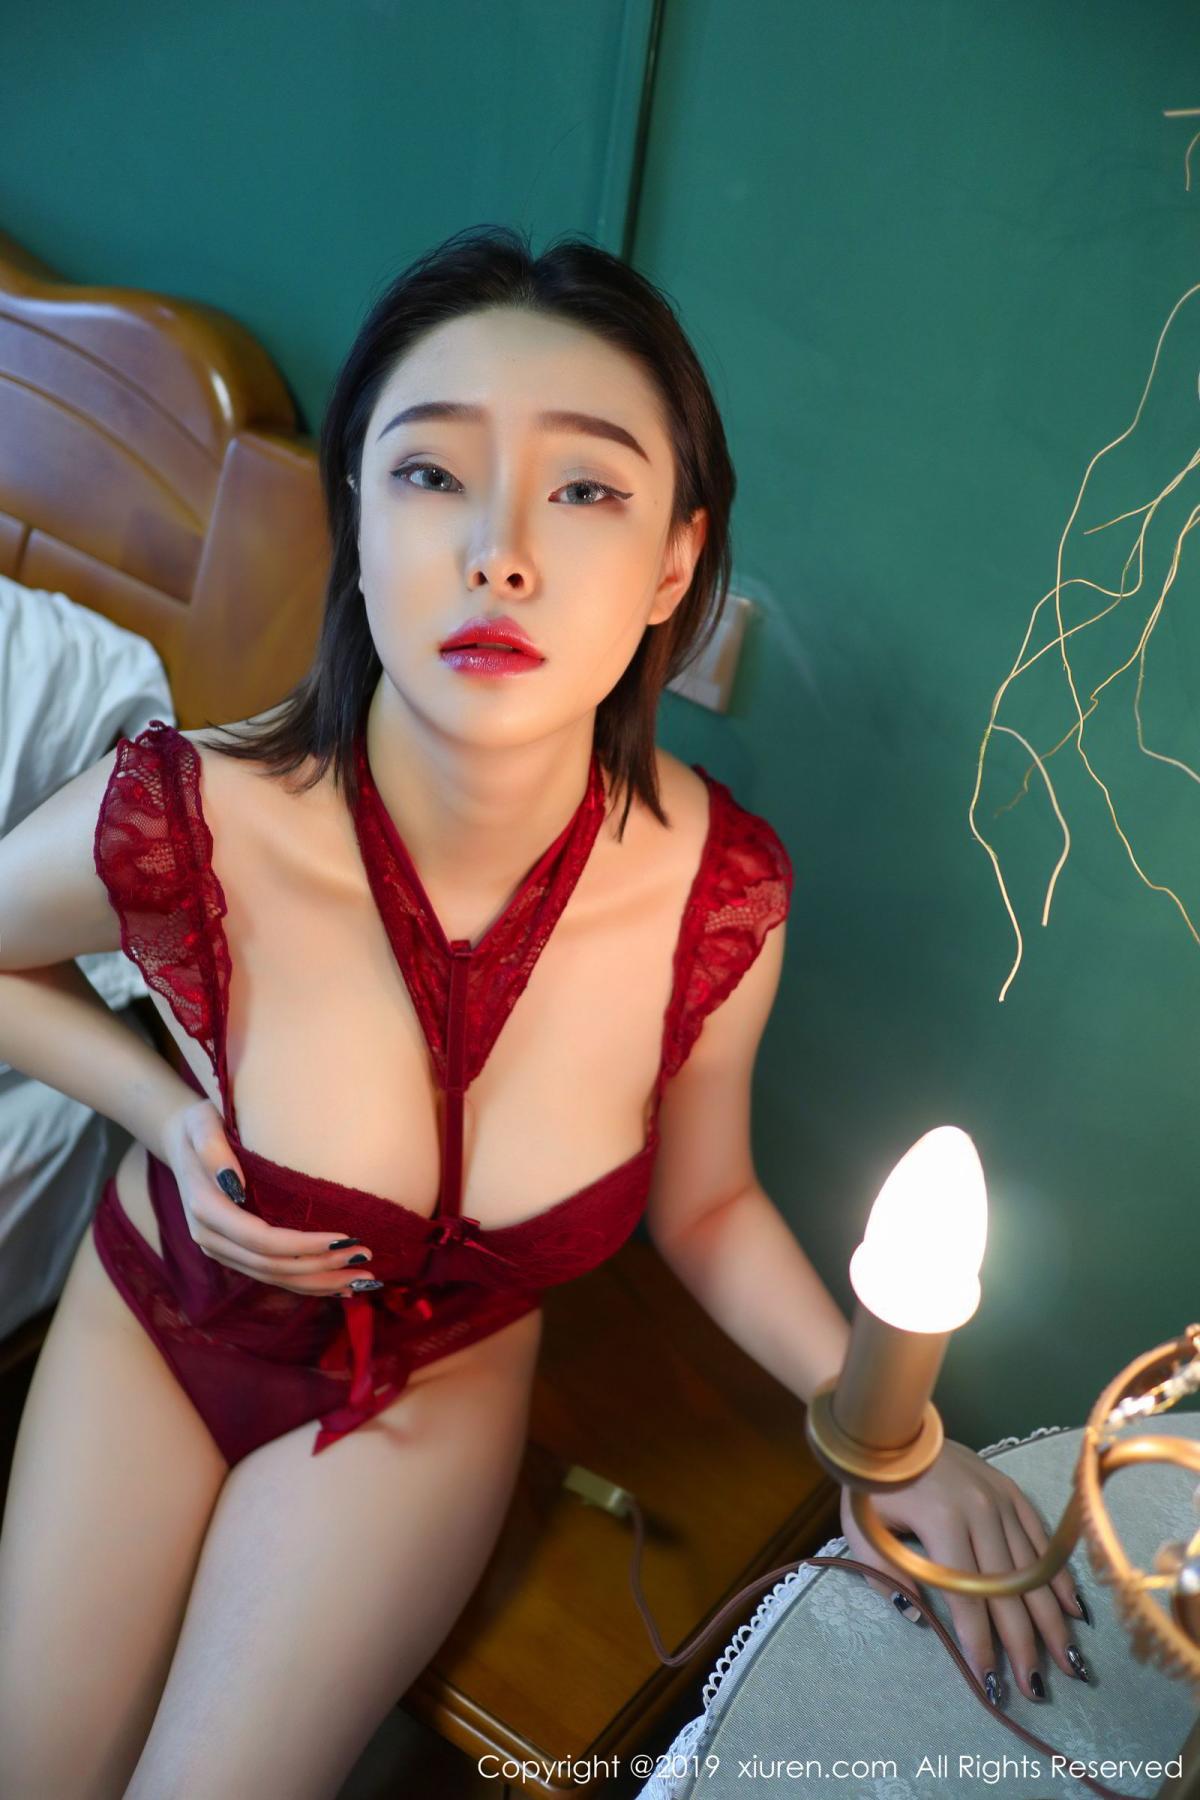 [XiuRen] Vol.1765 Yao A Yao De Yao 3P, Cool, Underwear, Xiuren, Yao A Yao De Yao